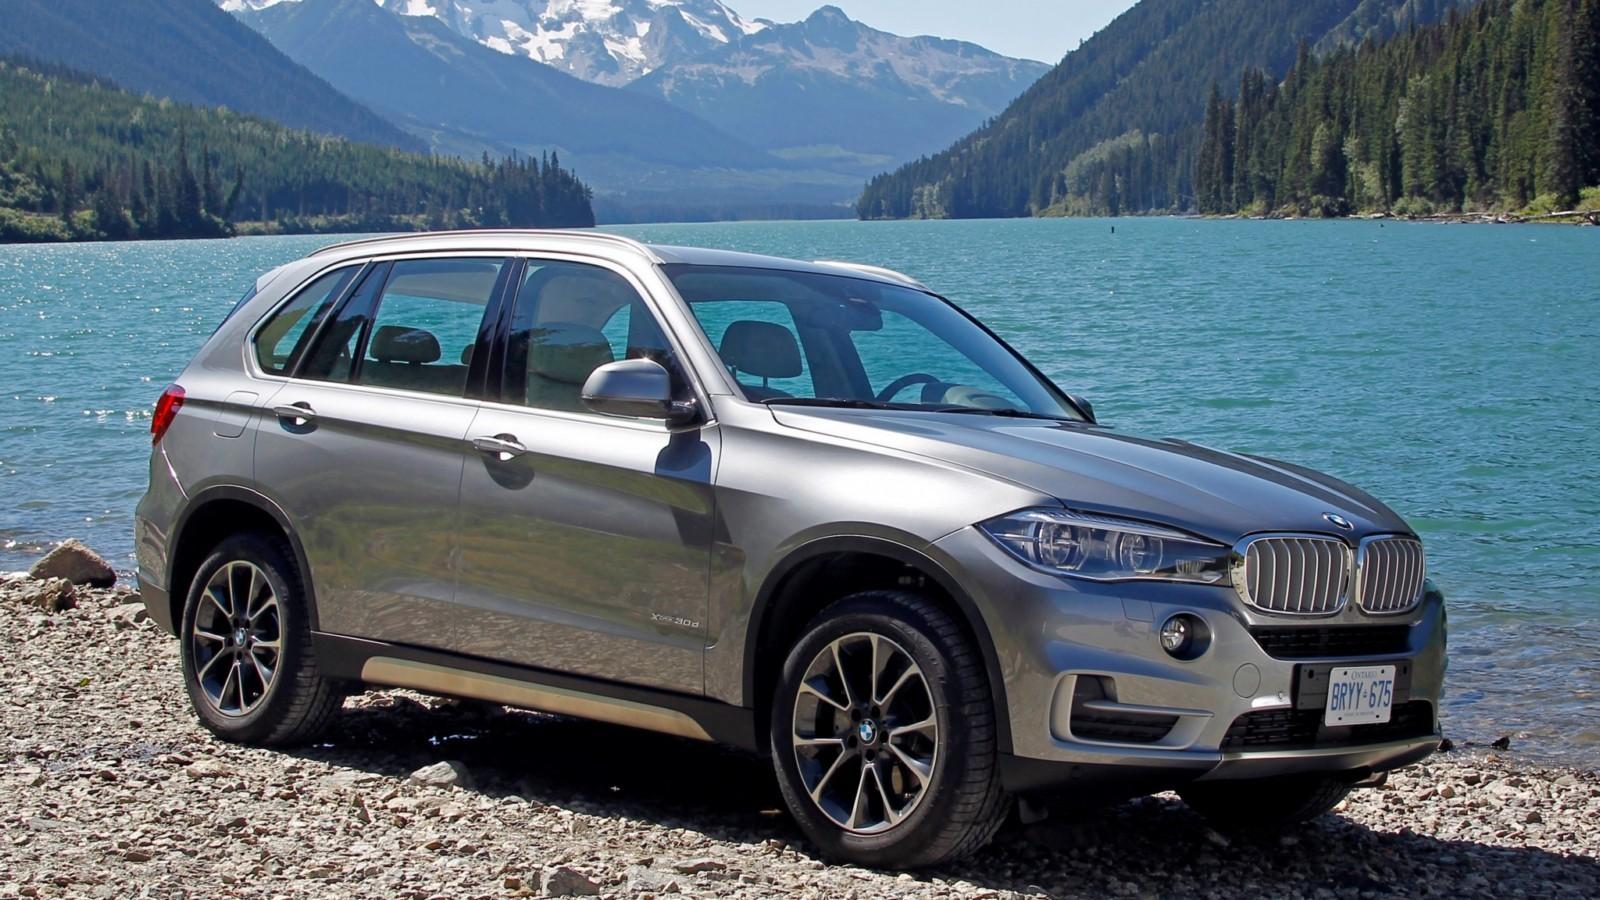 БМВ  X5 стал самым продаваемым дизельным автомобилем в российской столице